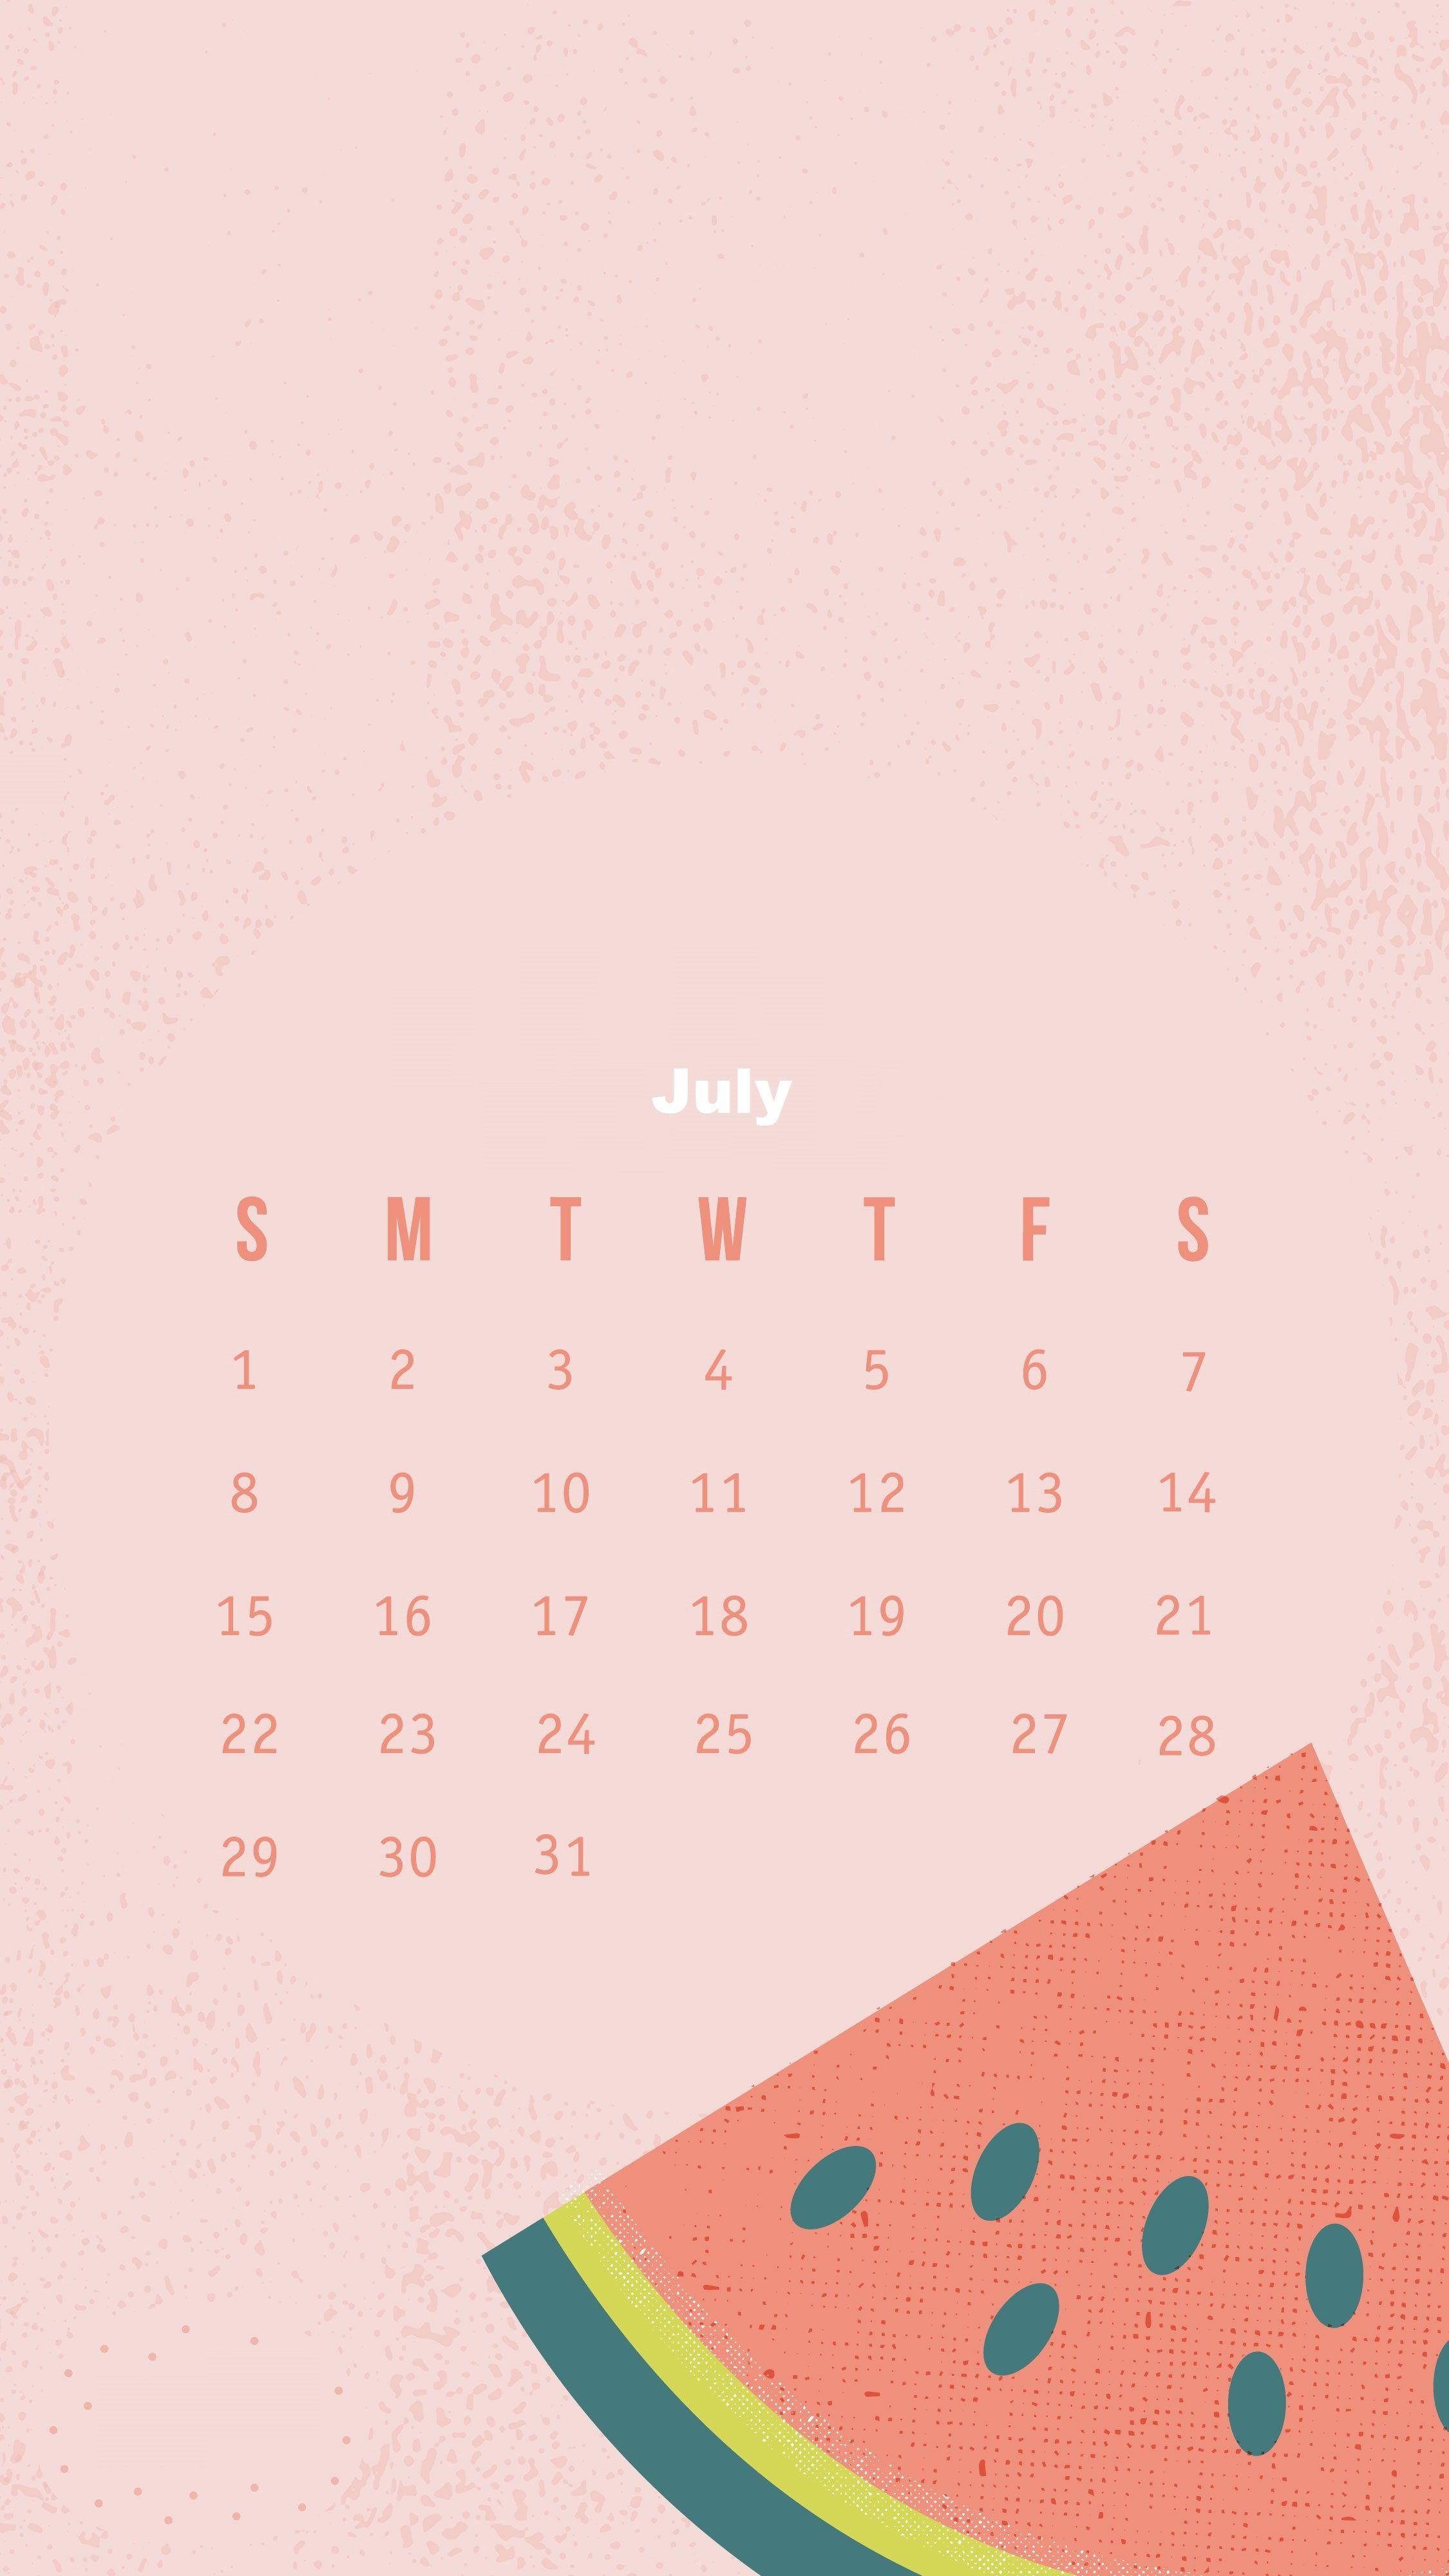 July 2018 iPhone Calendar Wallpapers | Calendar 2018 | Calendar wallpaper, Calendar, Wallpaper